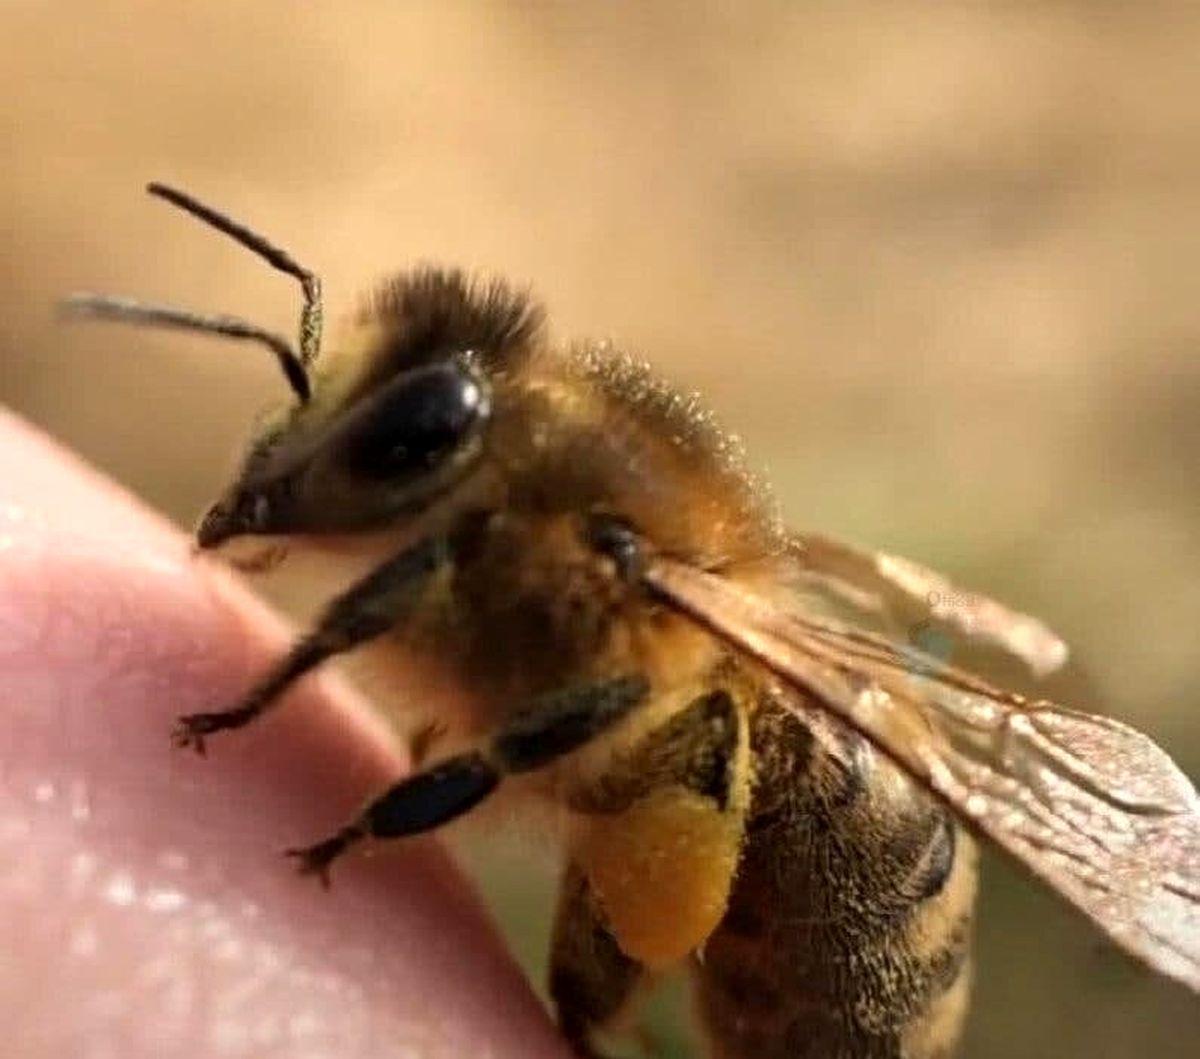 تصویر باورنکردنی از انگشتان زنبور عسل!